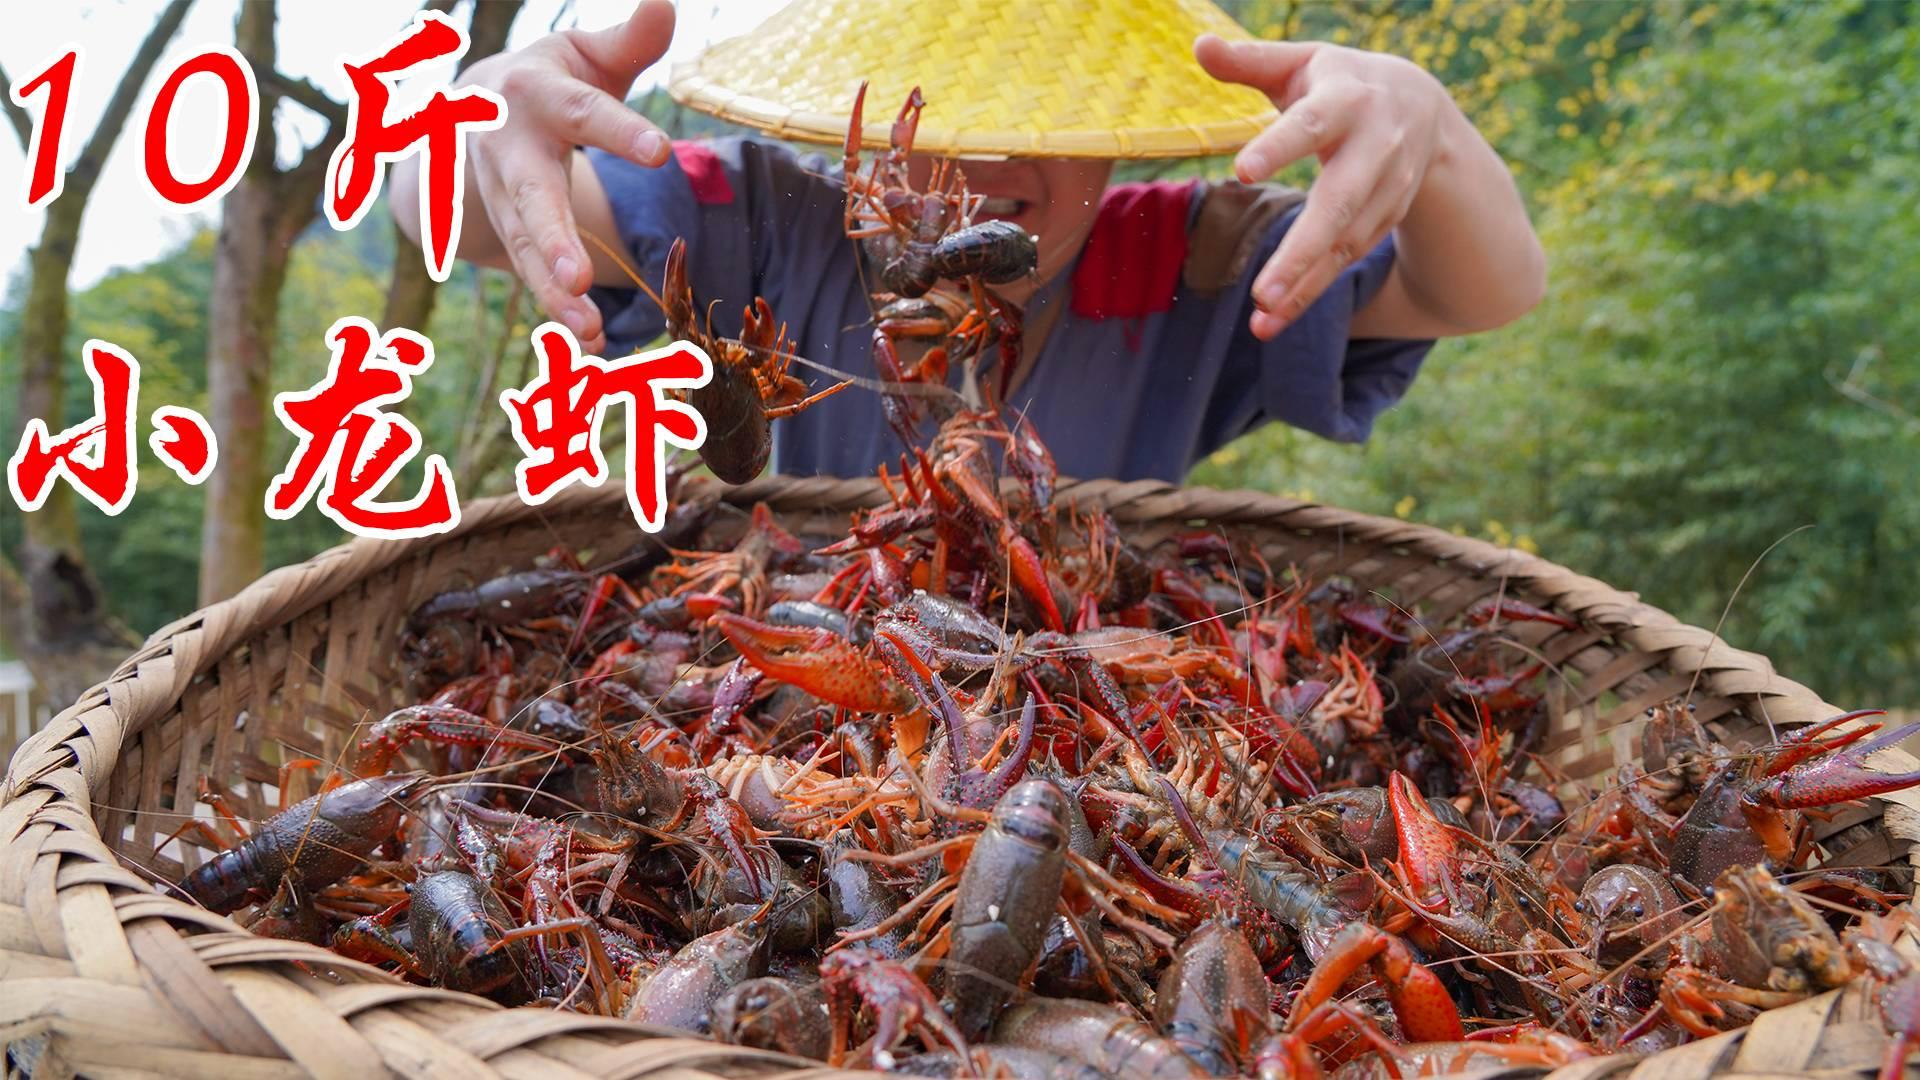 400元买10斤小龙虾,秘制一锅辣卤小龙虾,这下终于吃爽了